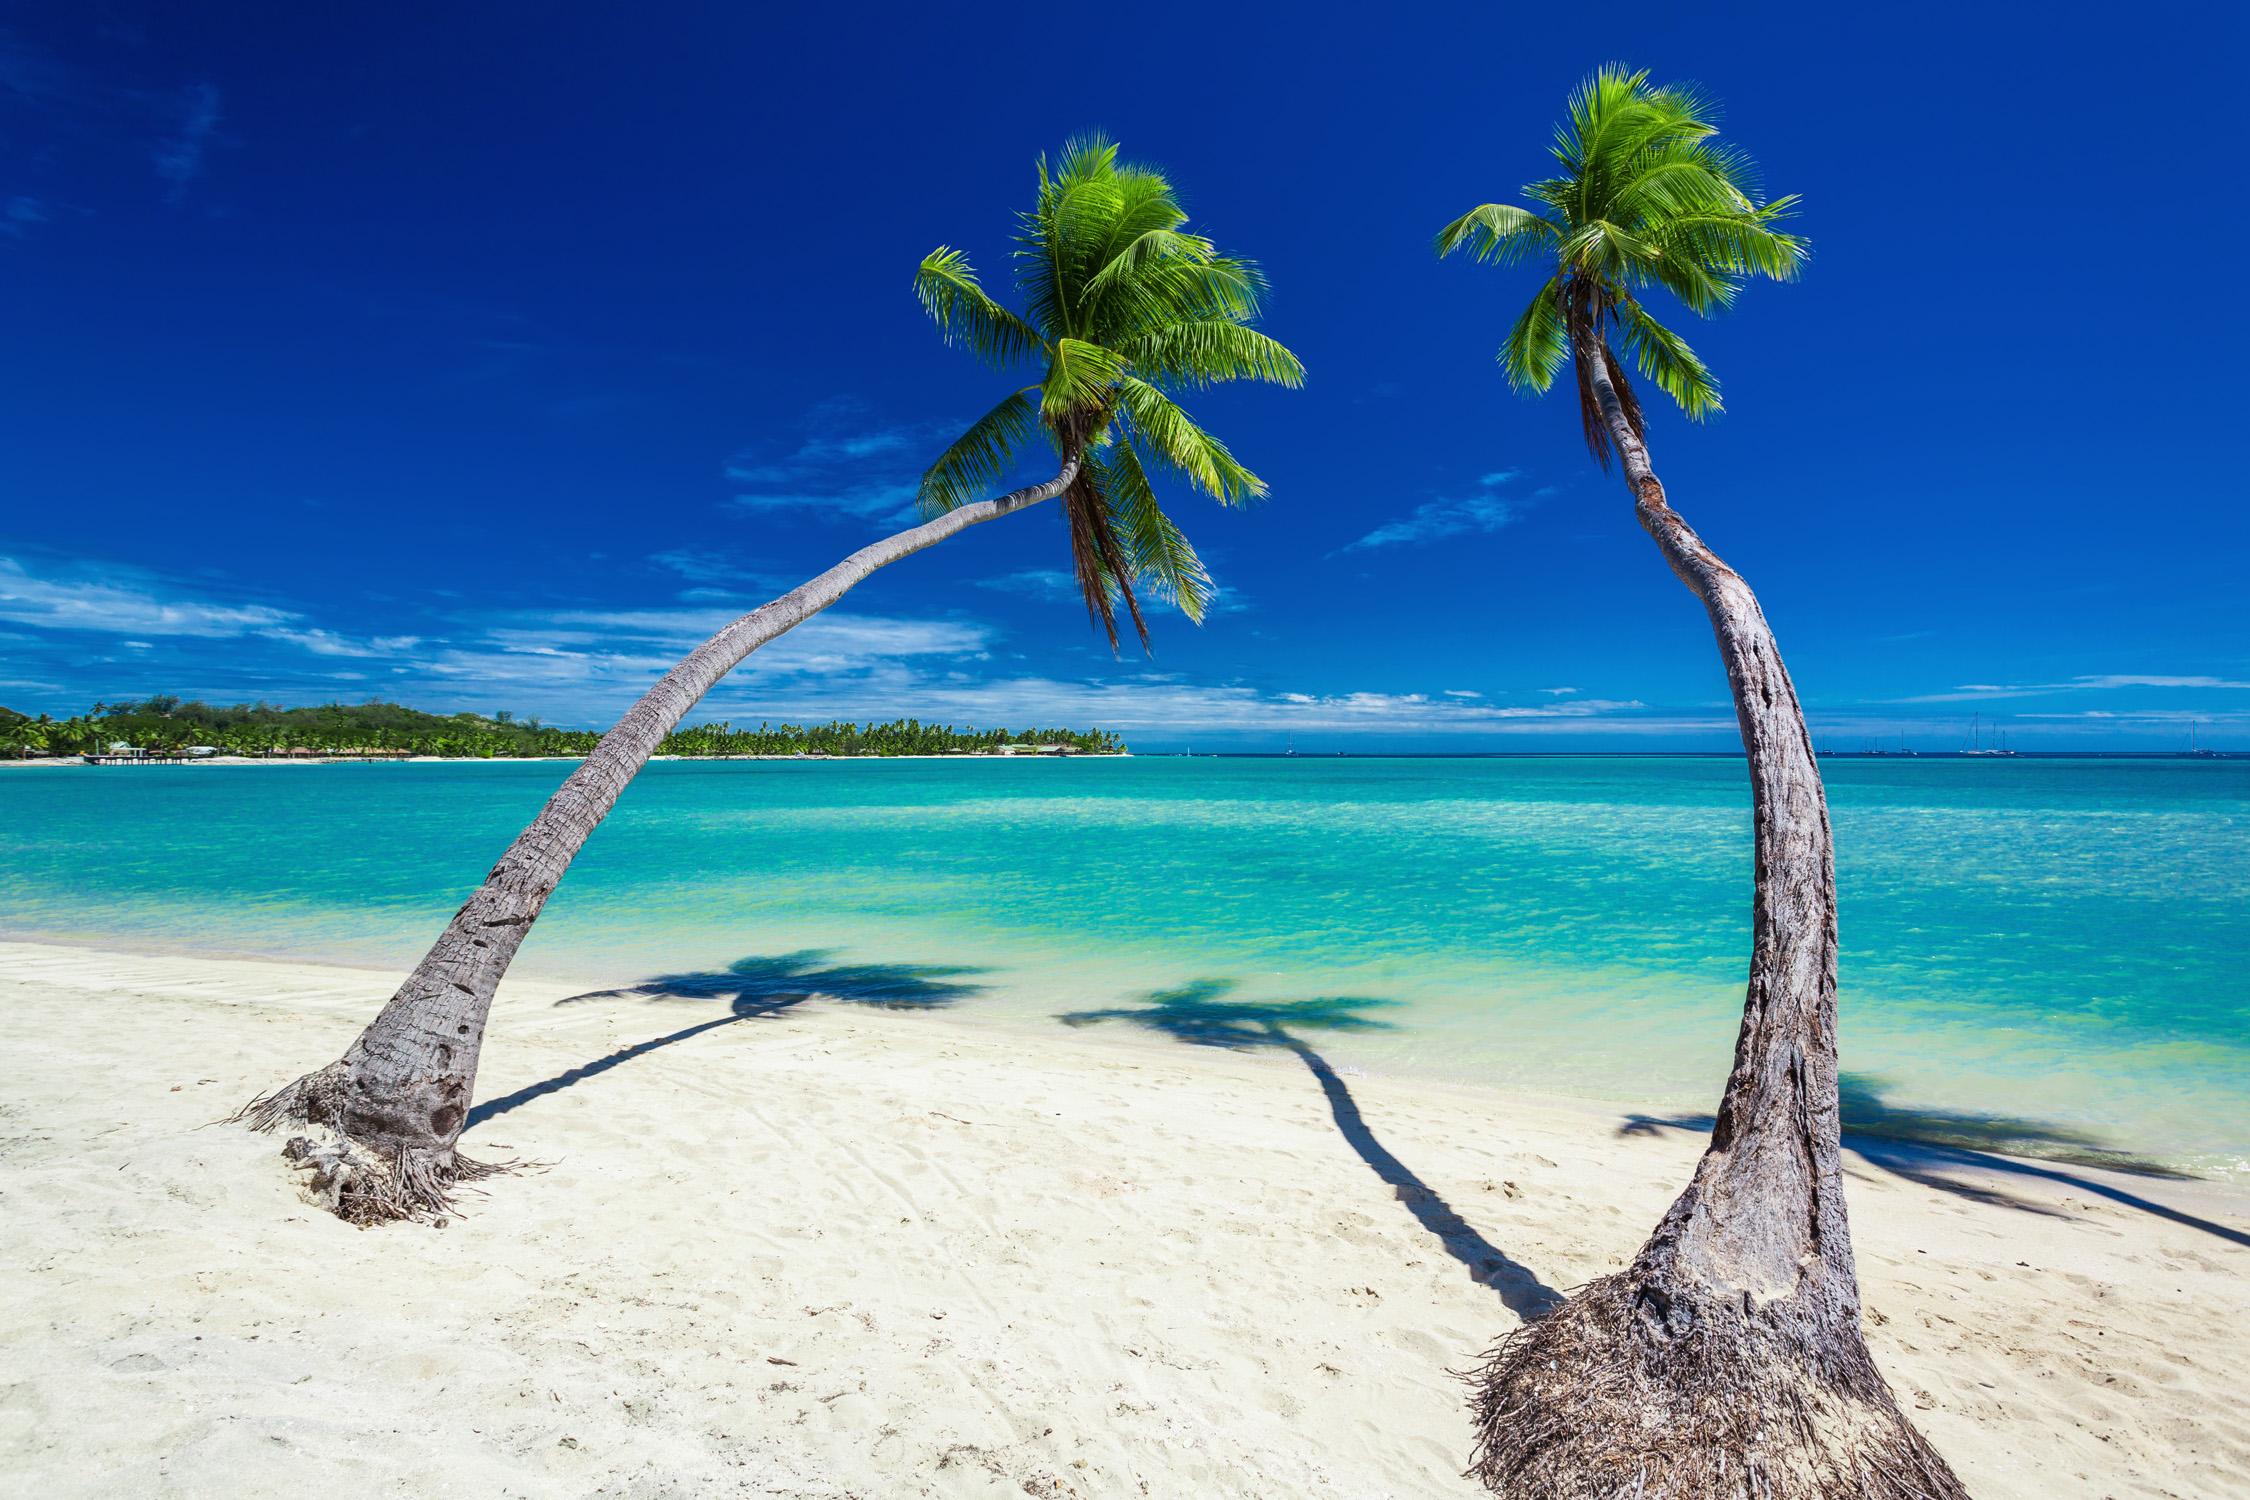 fidschi inseln palmen urlaubsschn ppchen und tolle reise angebote. Black Bedroom Furniture Sets. Home Design Ideas